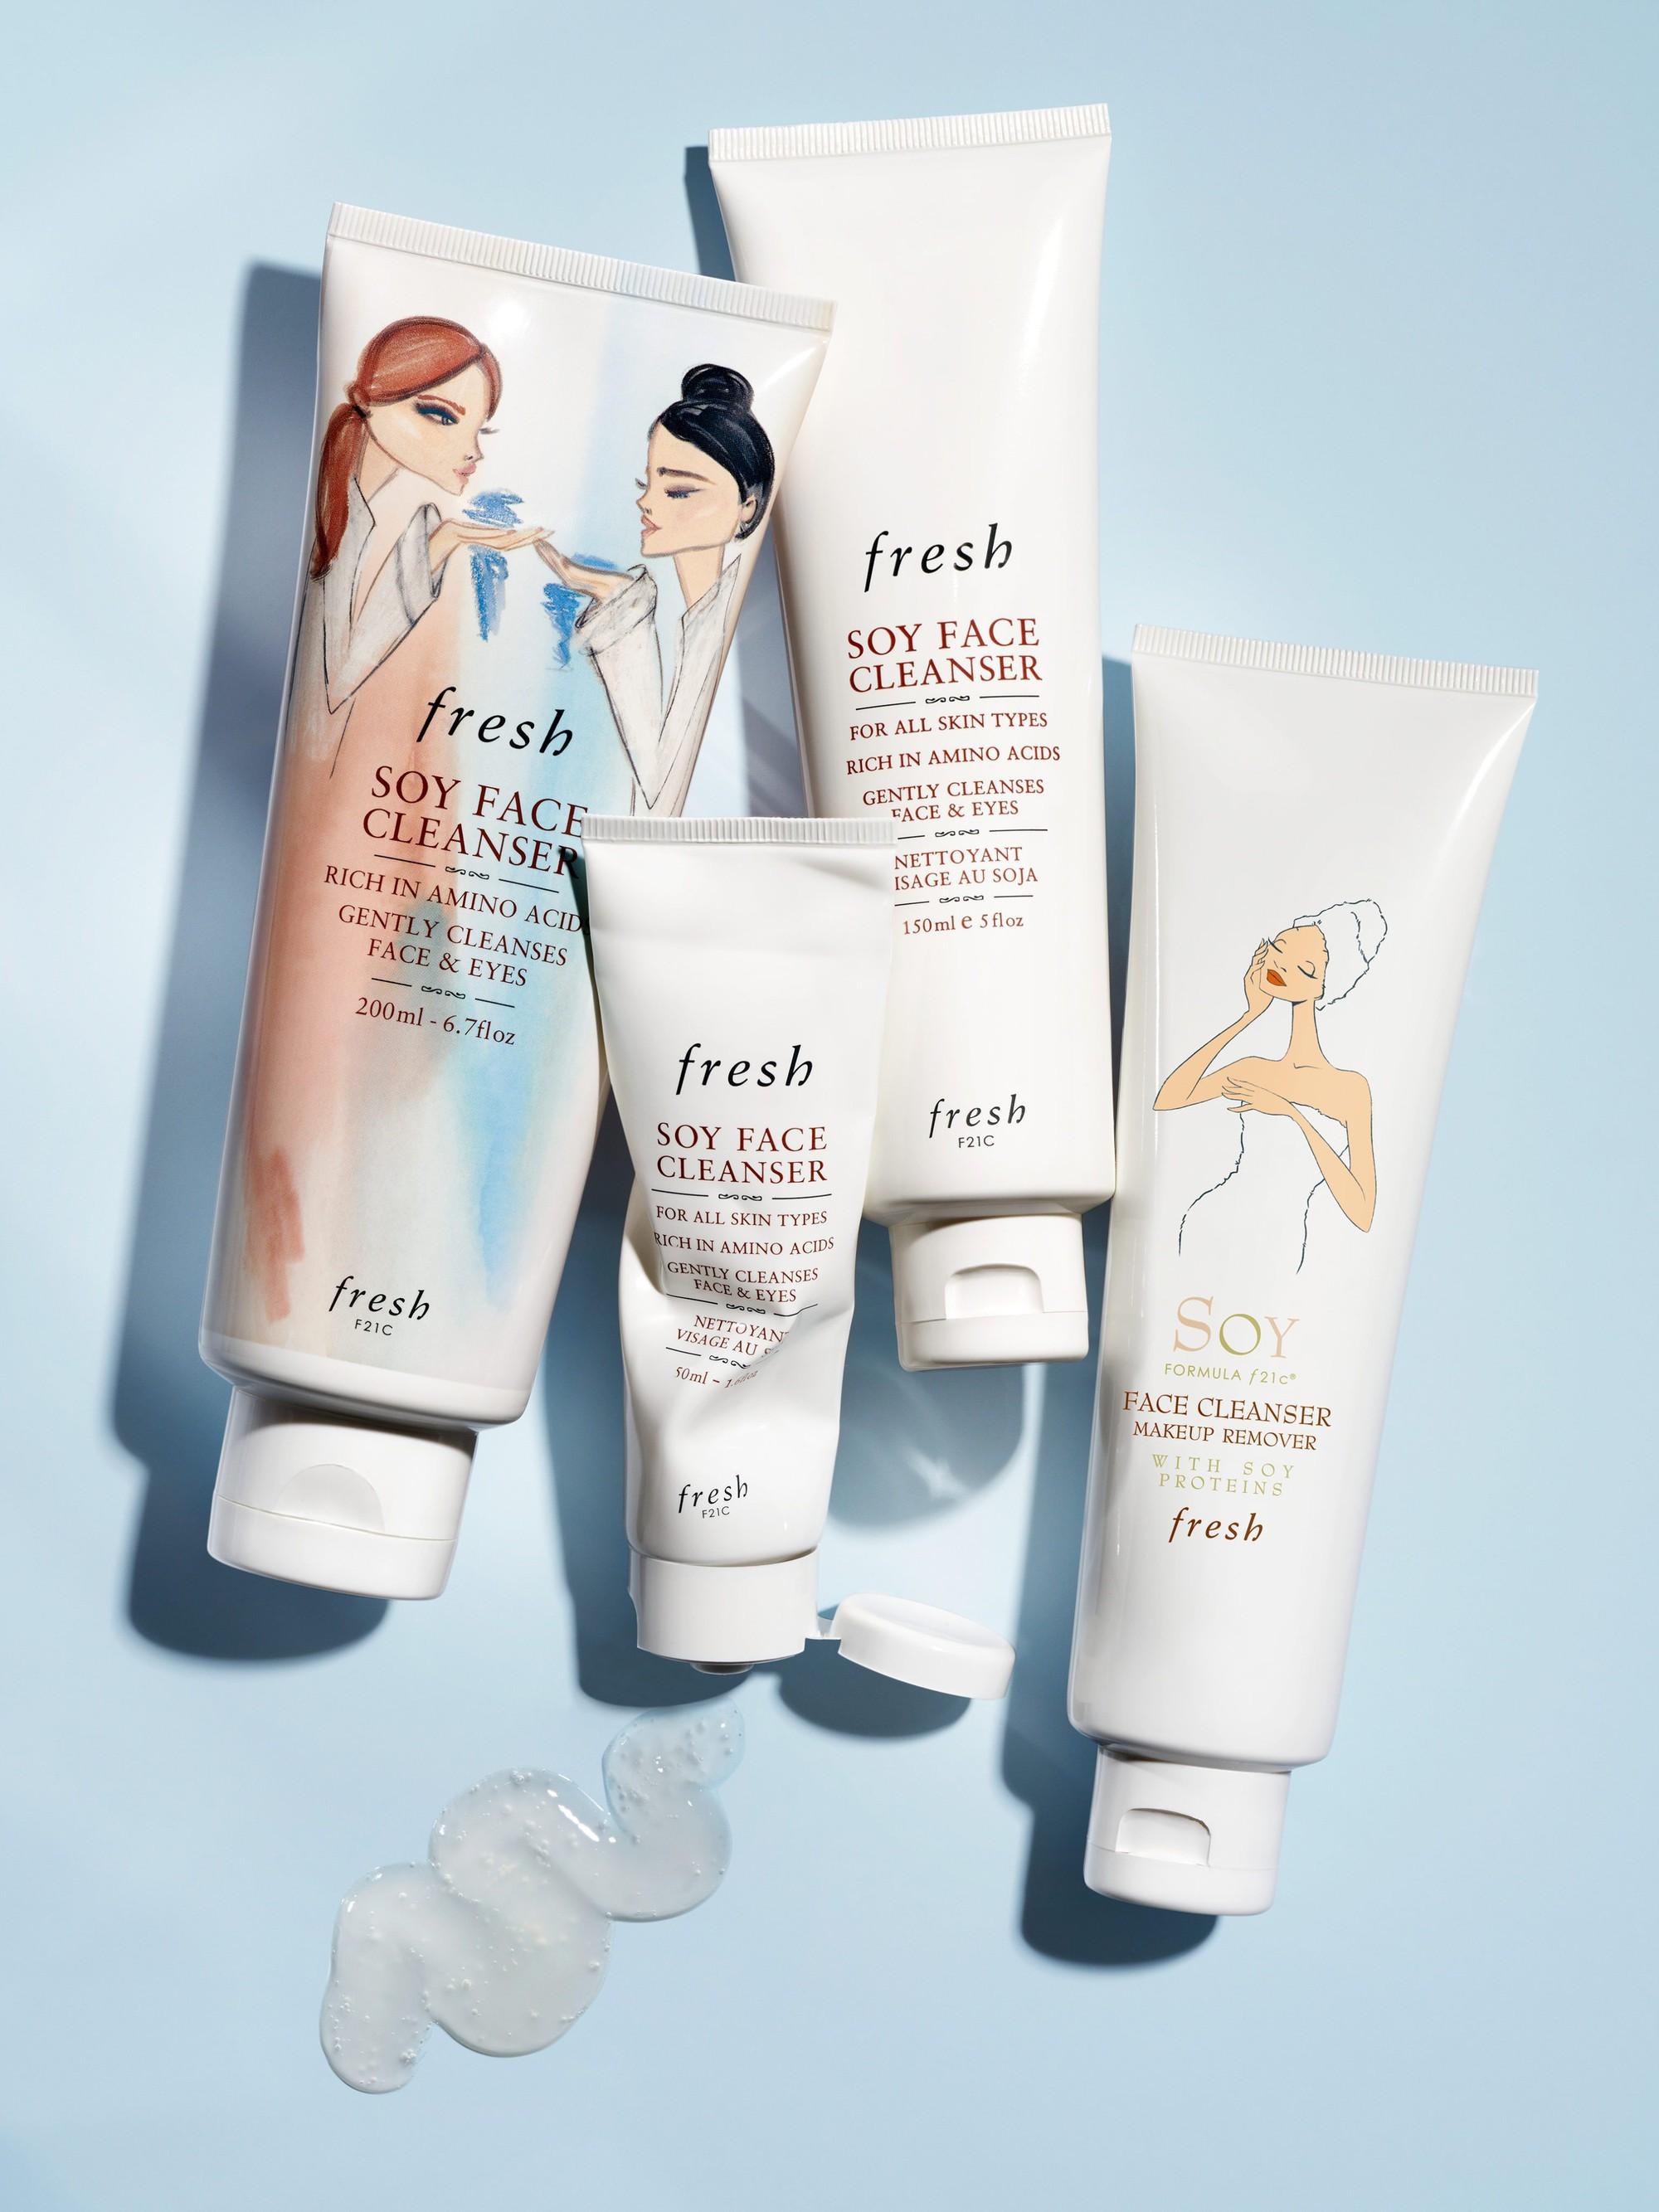 12 sản phẩm làm đẹp bất hủ khiến các beauty editor phải mua đi mua lại liên tục vì chất lượng quá xuất sắc - Ảnh 9.